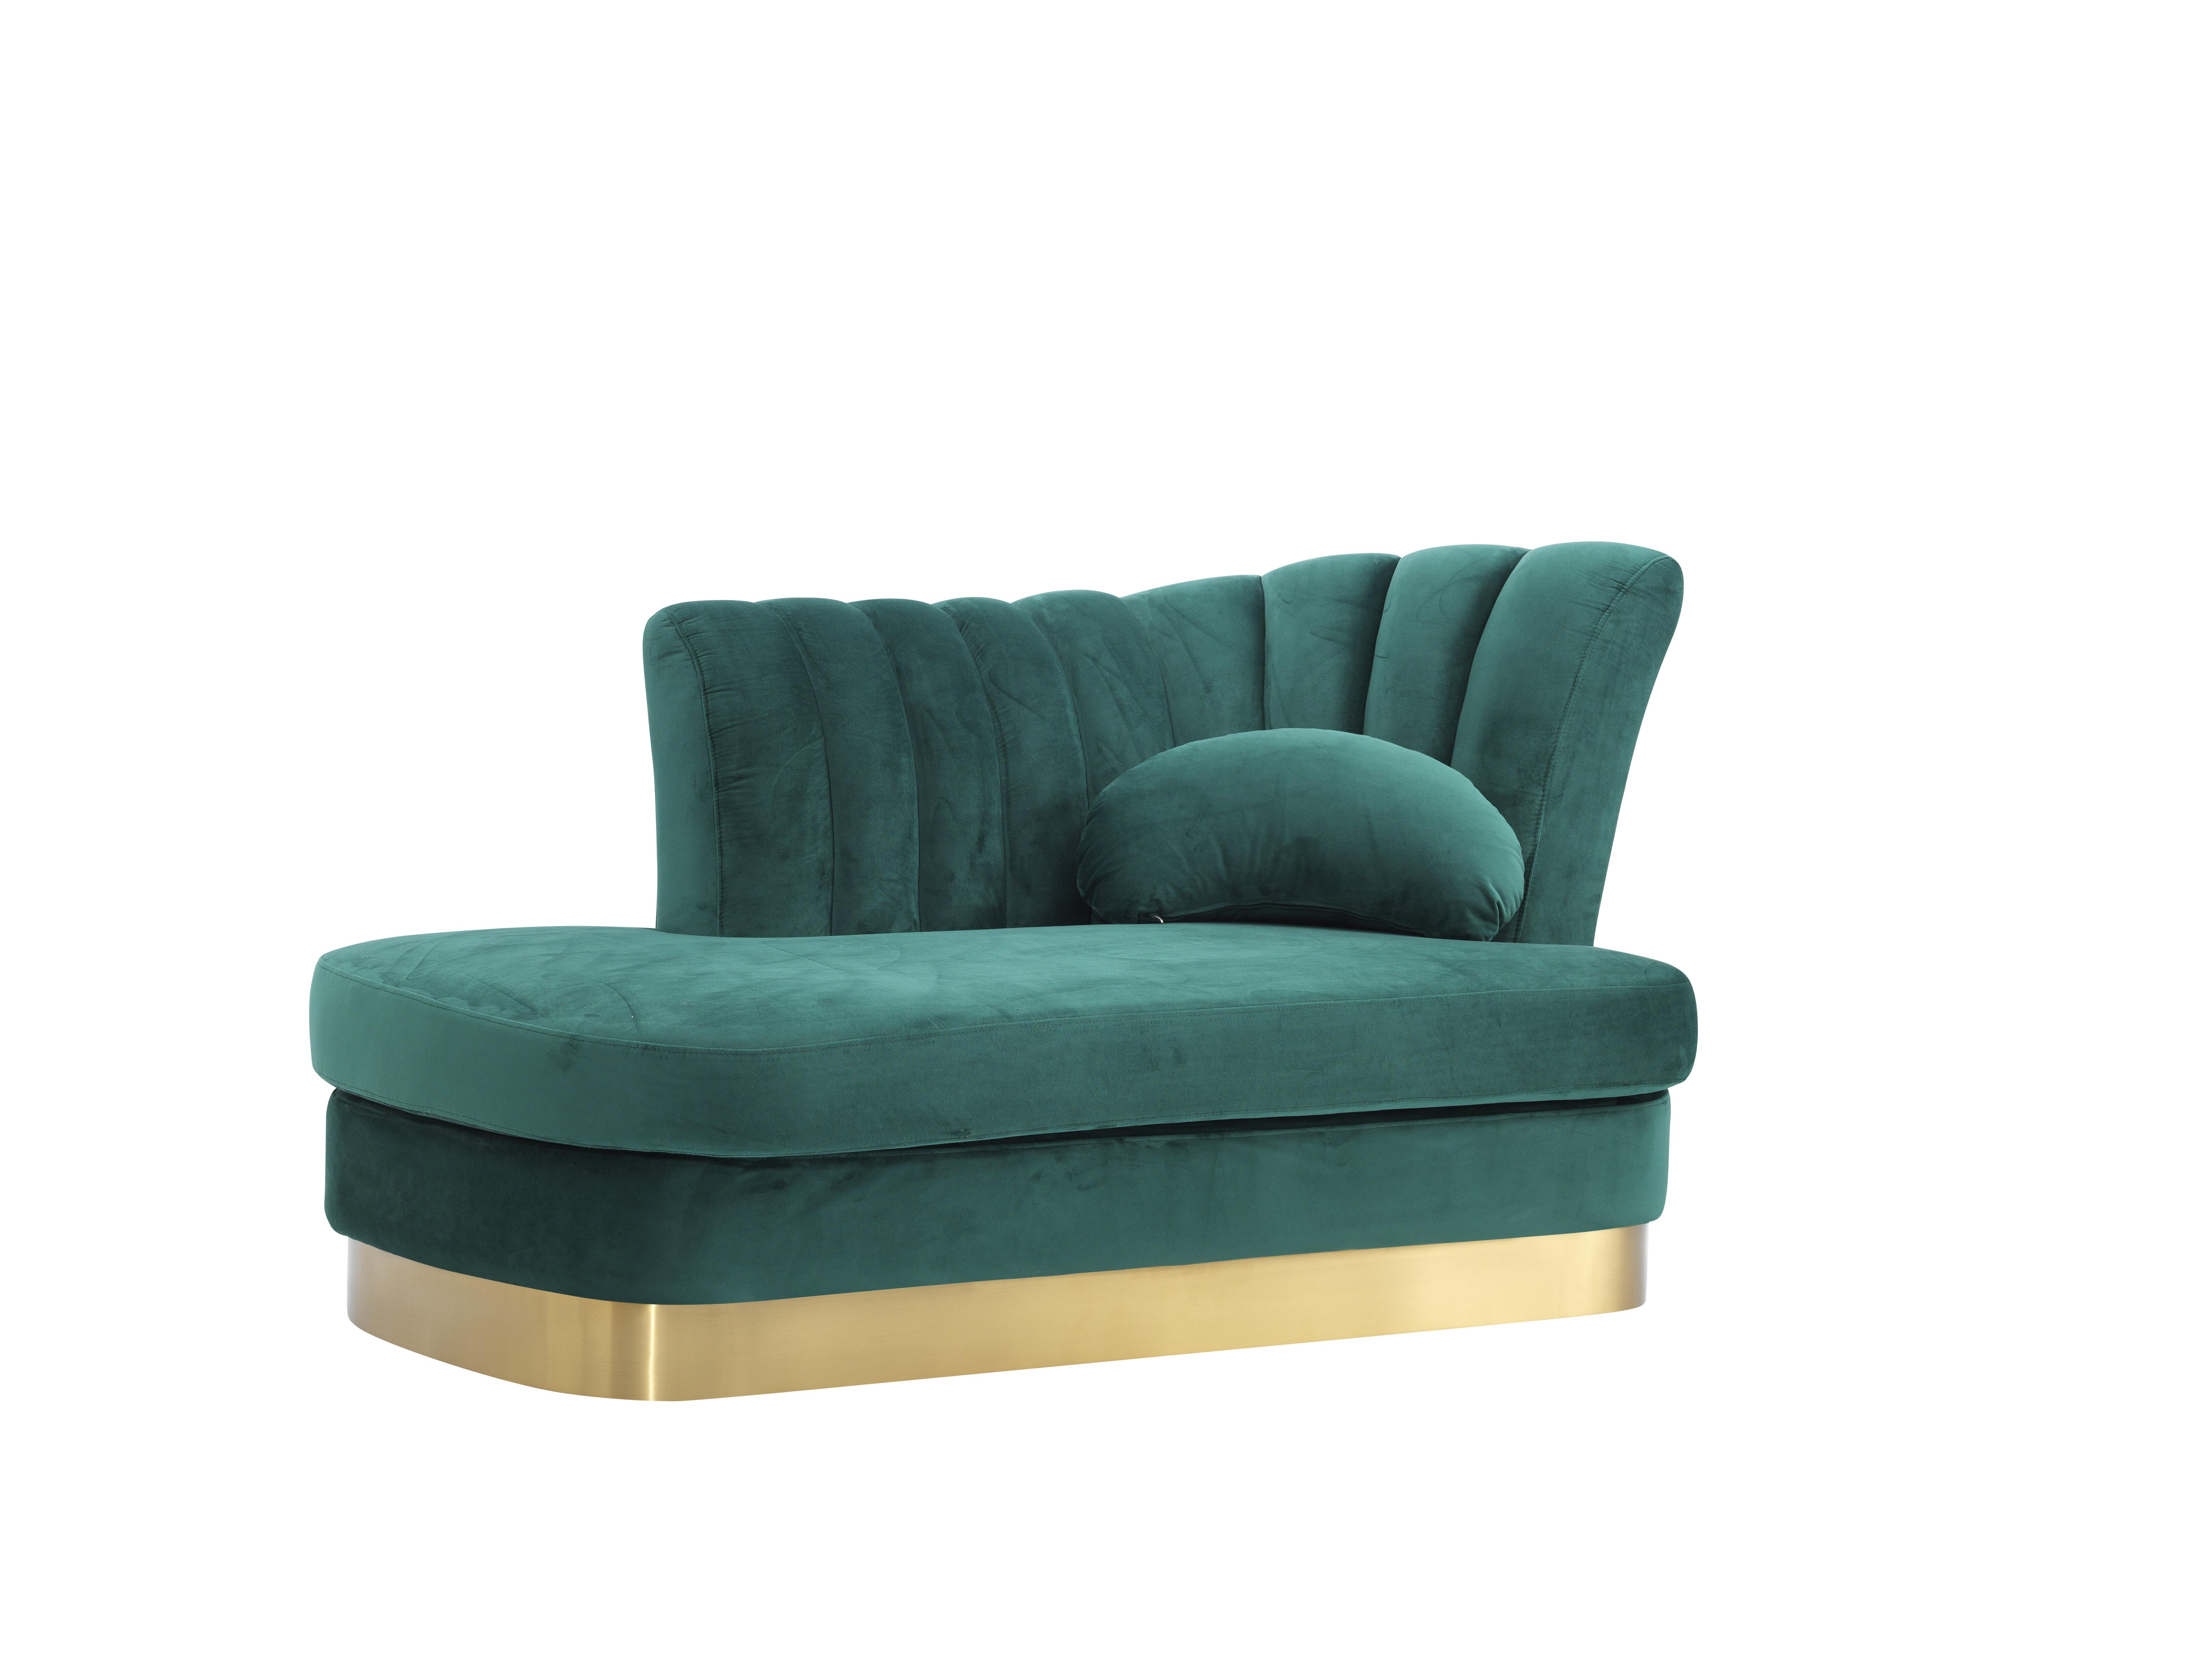 Everly Quinn Peggie Modern Chaise Lounge Wayfair